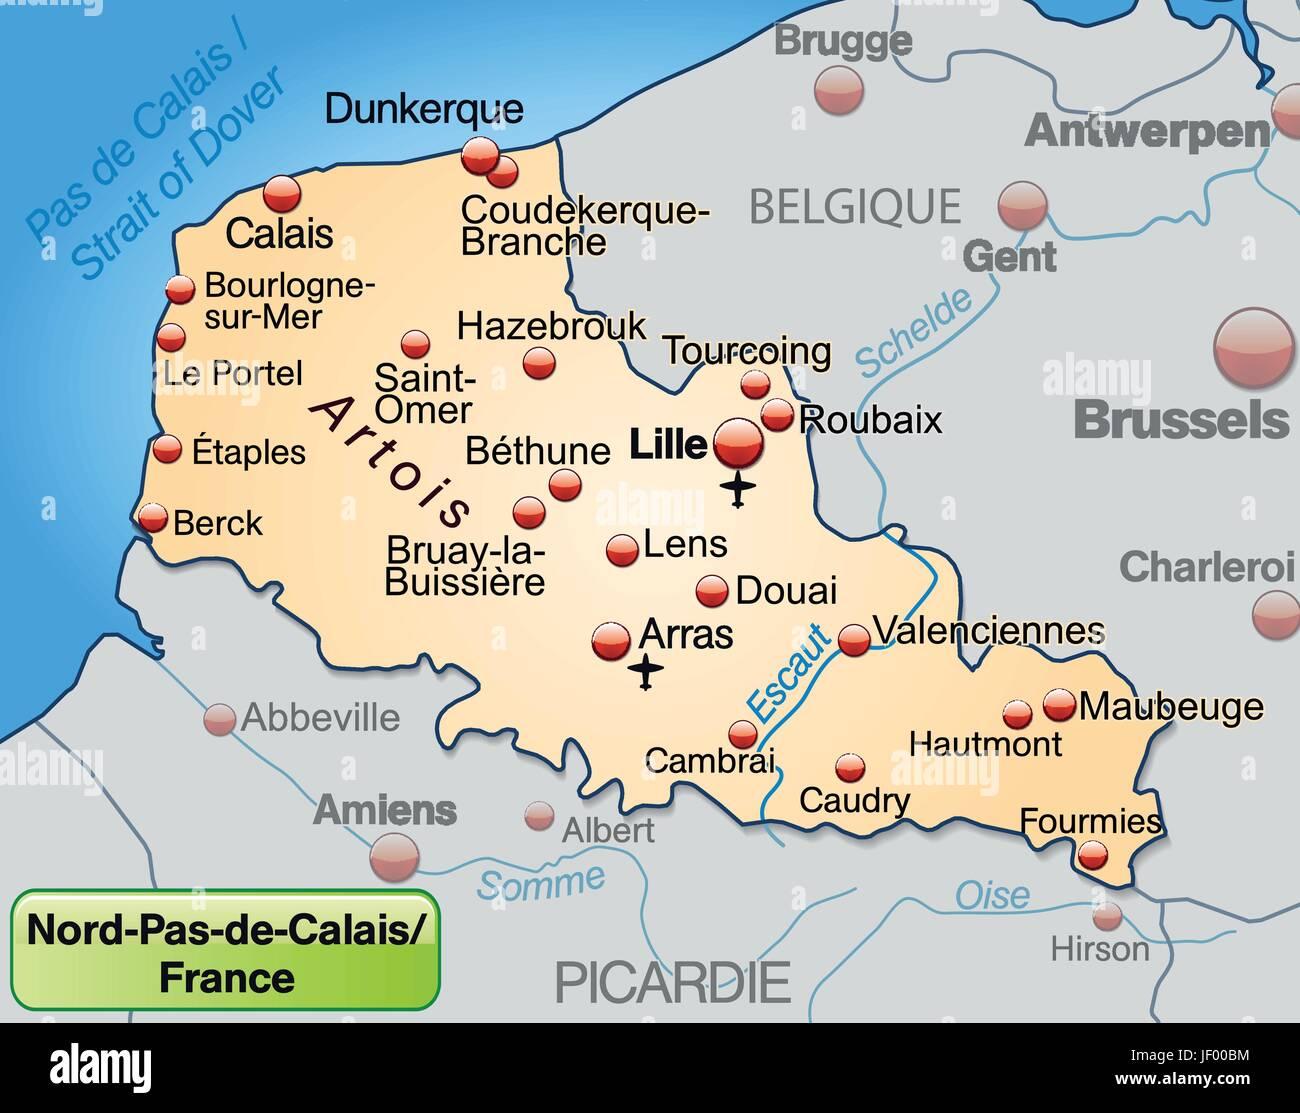 nord-pas-de-calais in france as an environment map of all the Stock Vector Art & Illustration ...